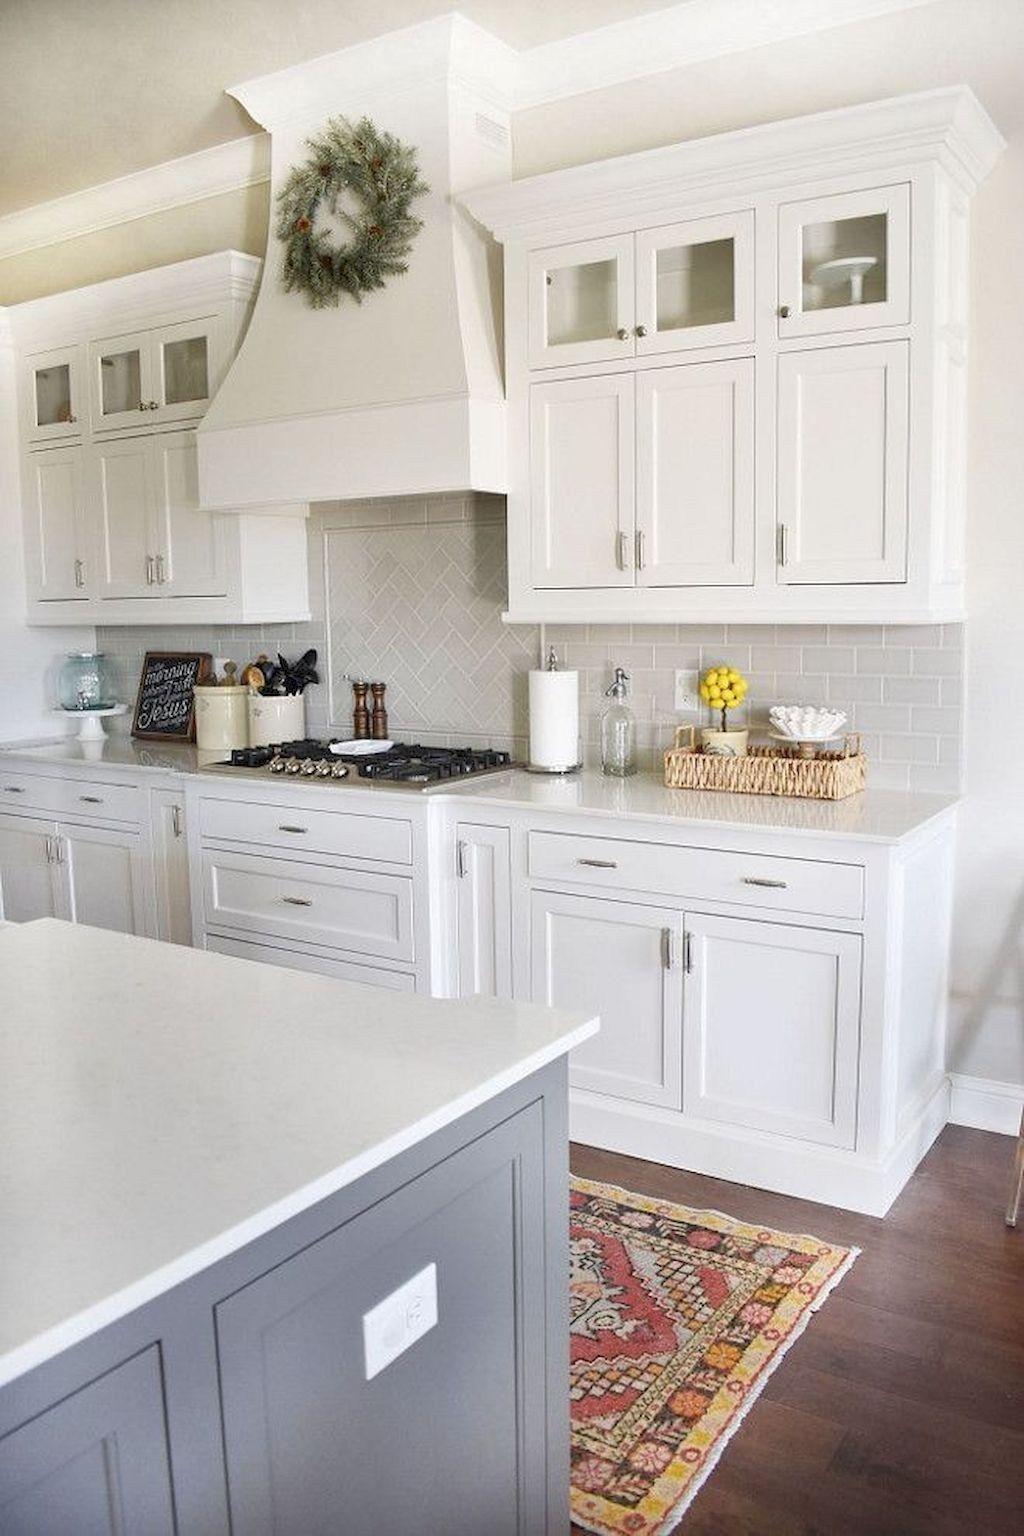 stunning gray farmhouse kitchen cabinet makeover ideas 20 farmhouse kitchen cabinets grey on farmhouse kitchen grey cabinets id=63100